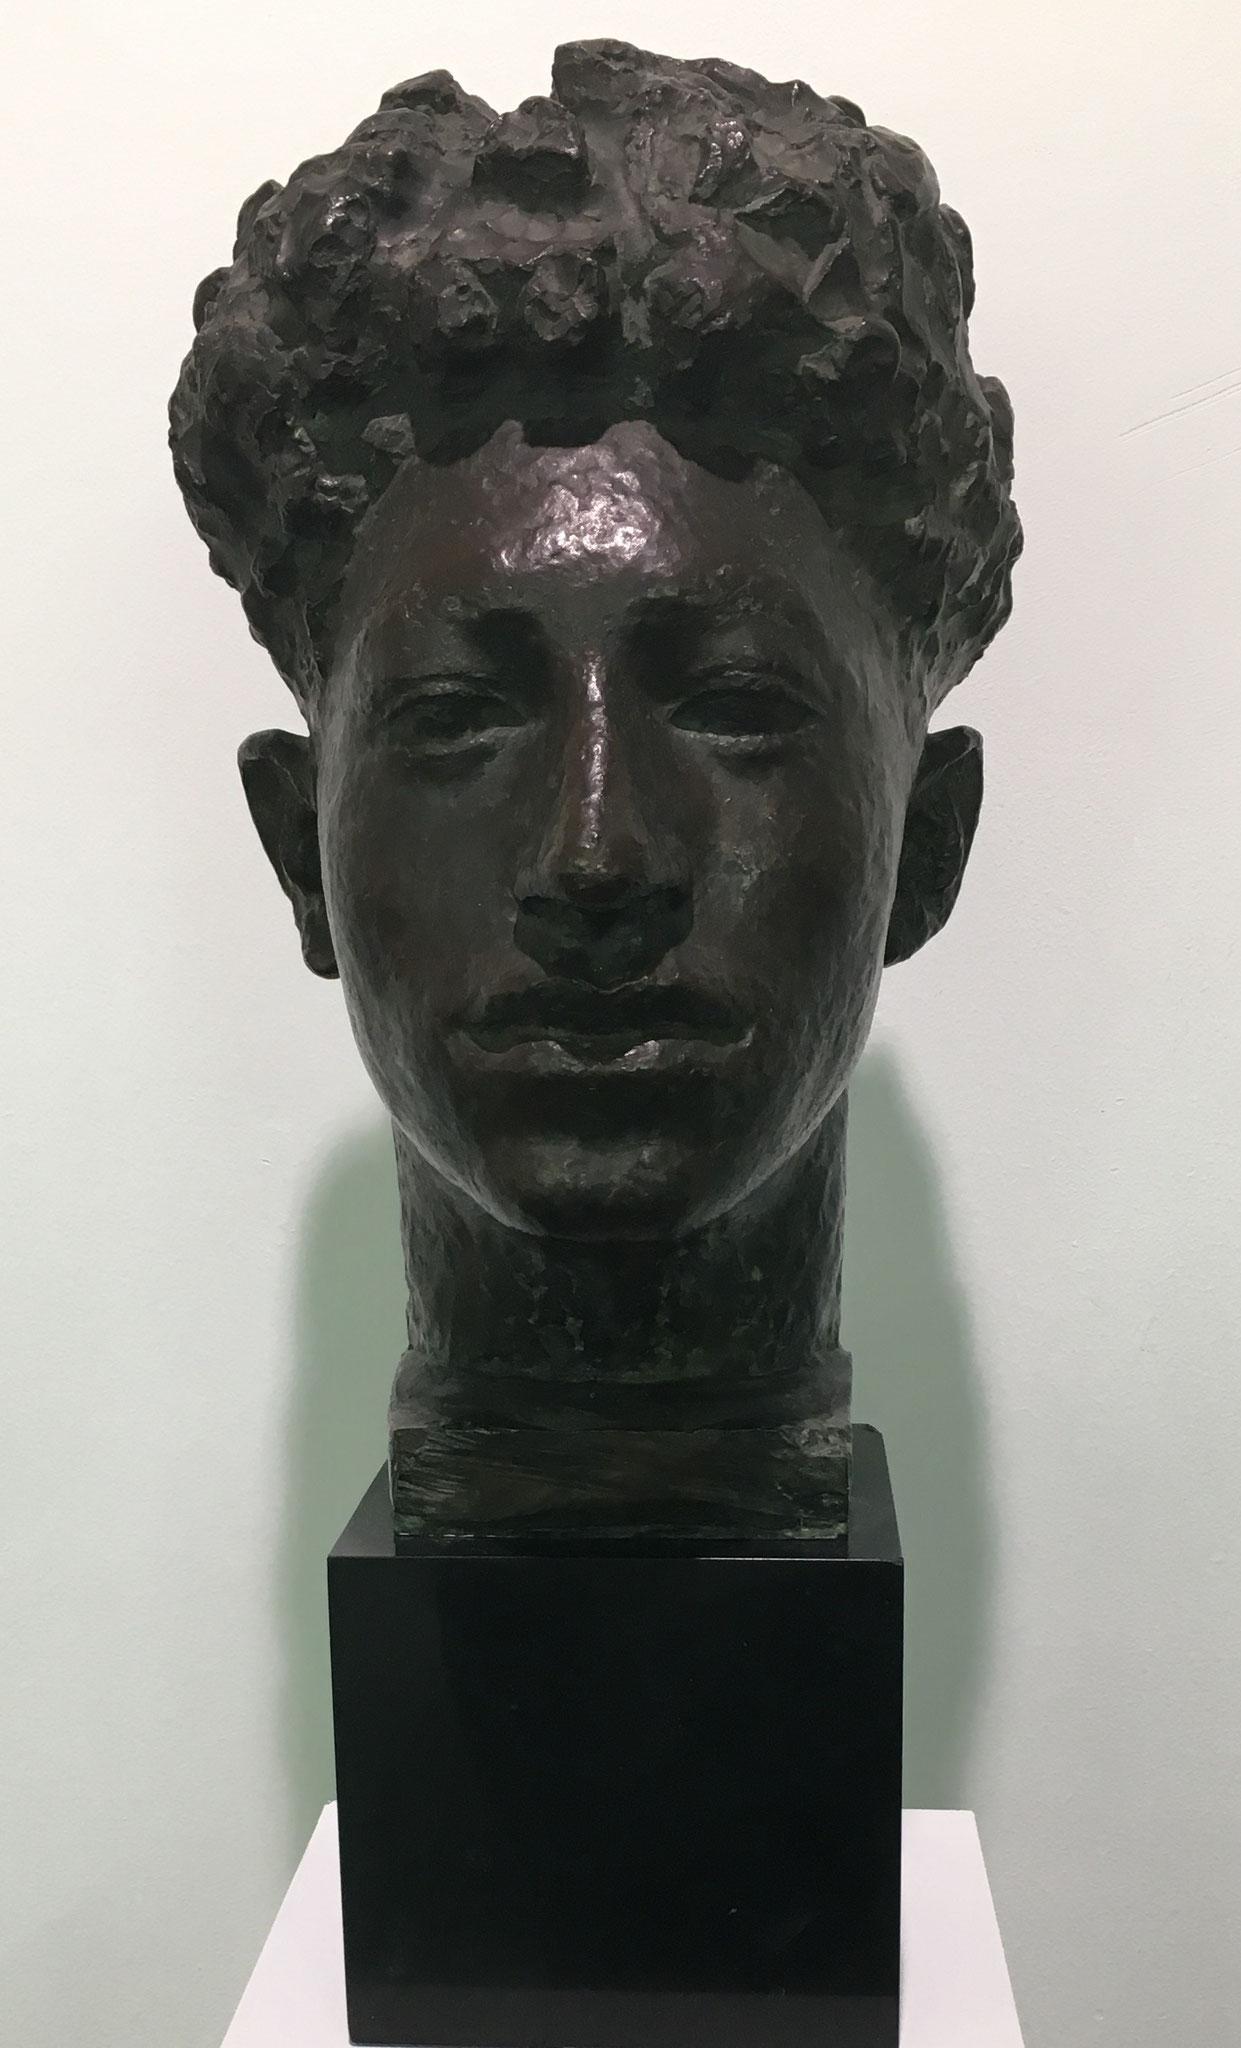 Cuno Amiet, Büste Alberto Giacometti, undatiert